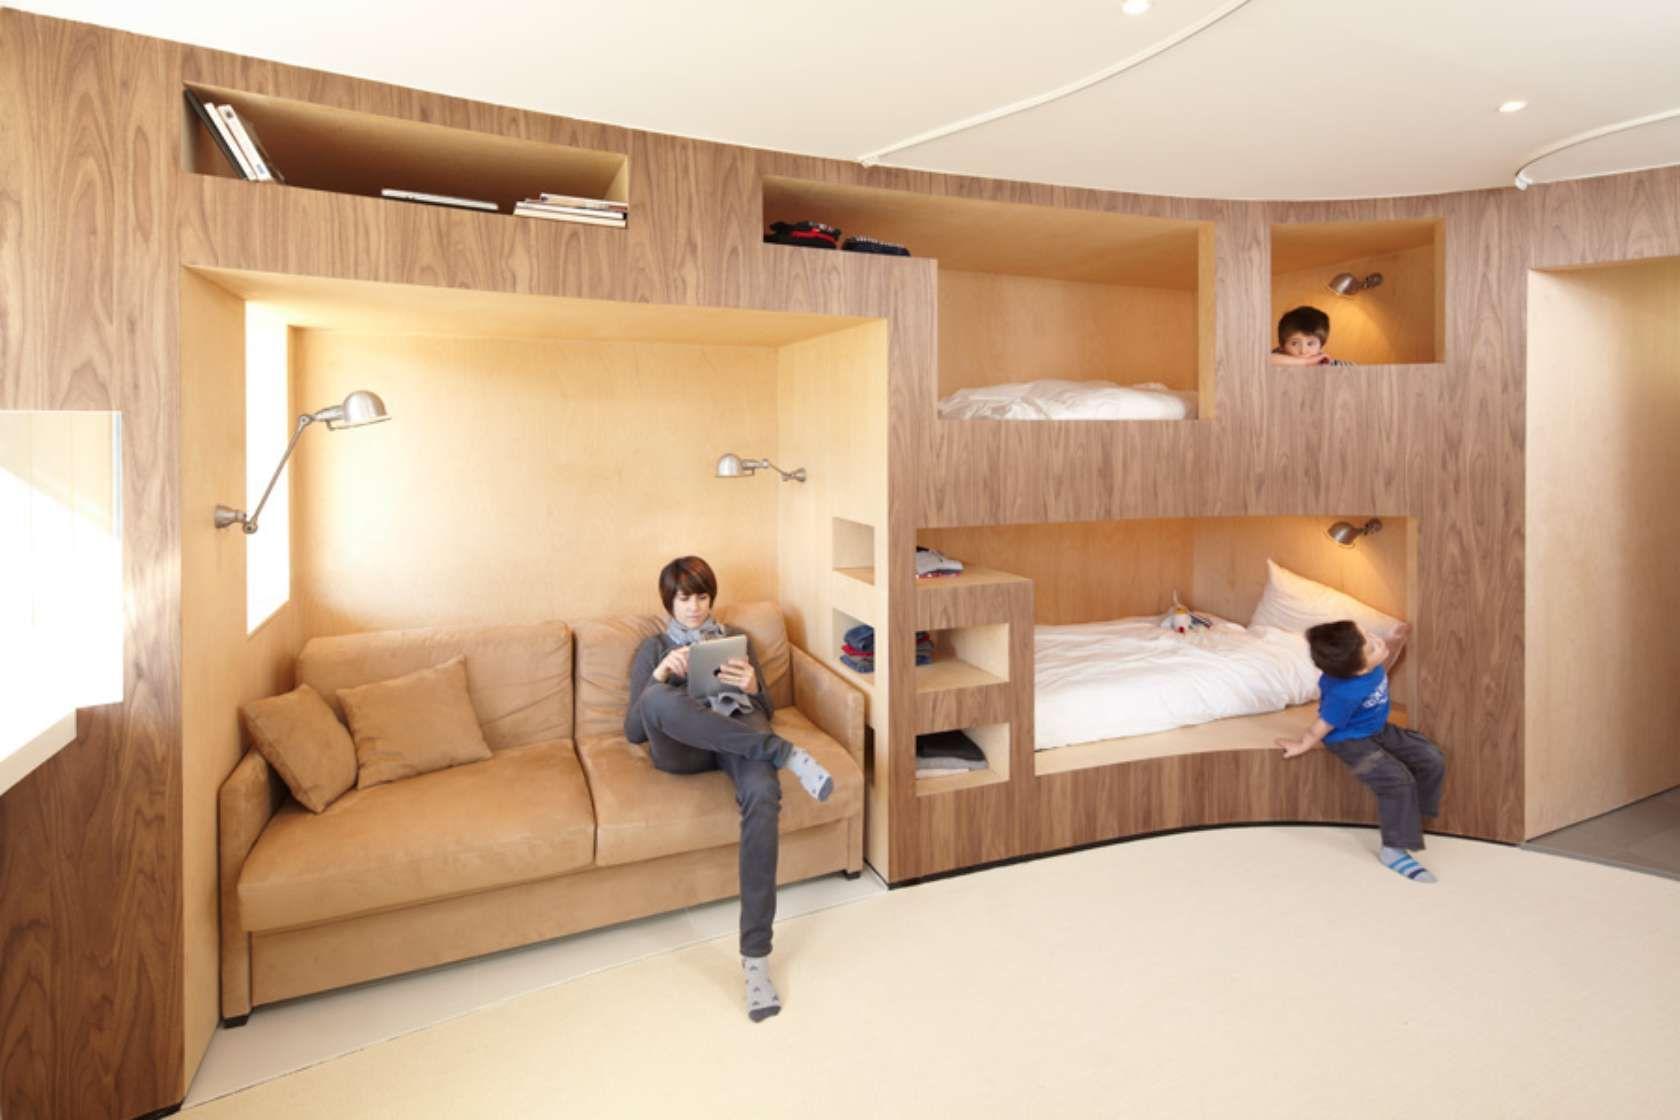 Ecco 10 camere da sogno che cambieranno la tua idea sui ...